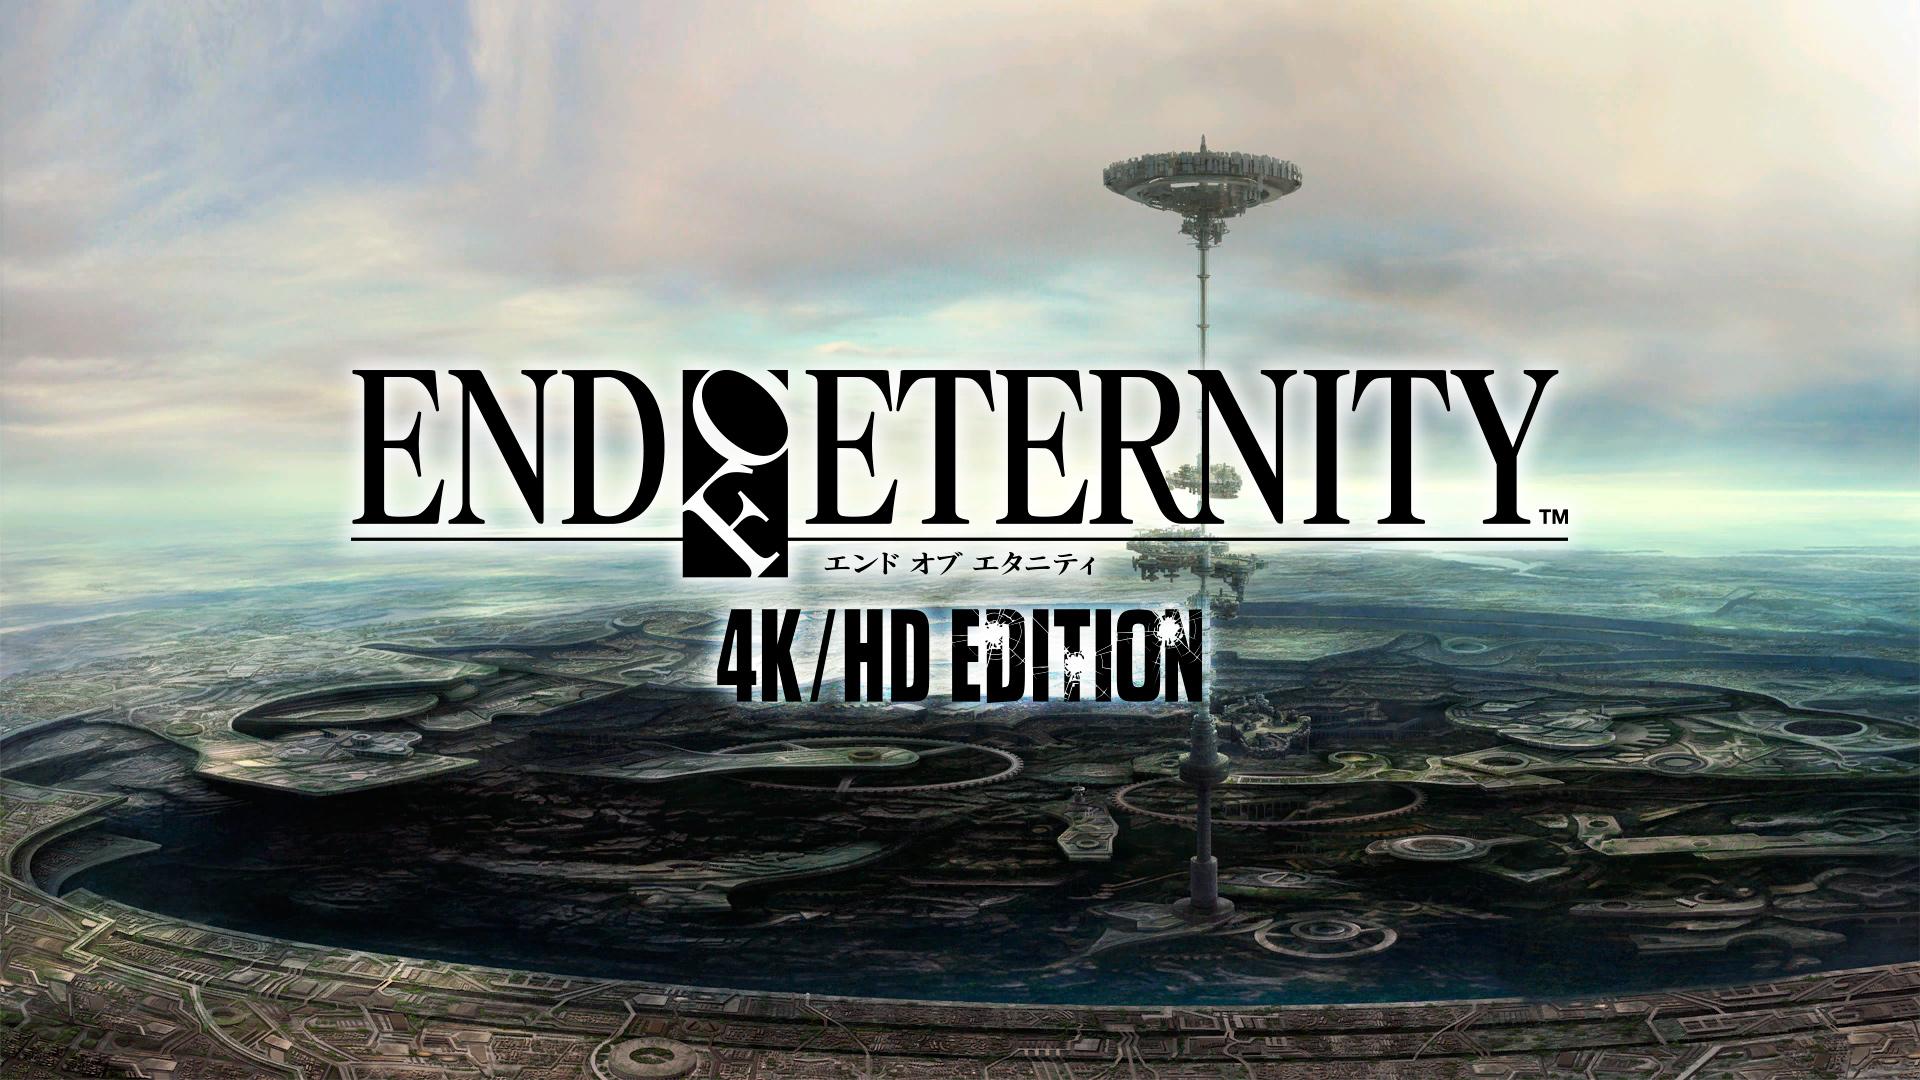 《永恒终焉:4K/HD版》正式公布 登陆PS4/PC平台